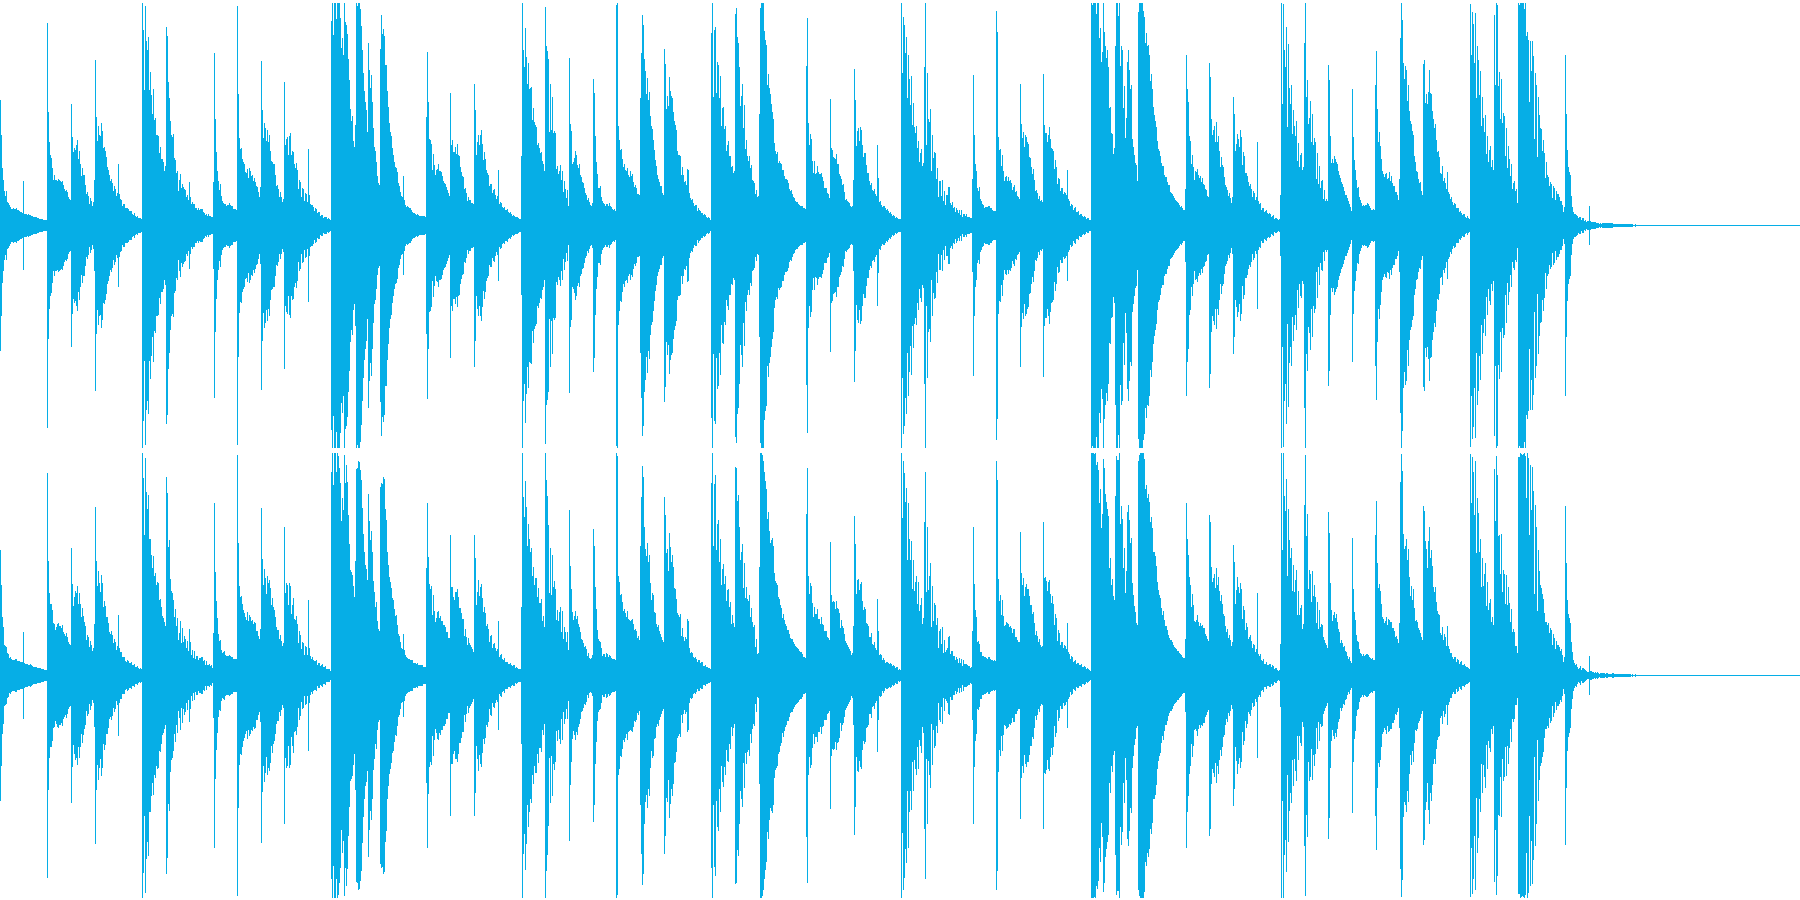 マリンバのほのぼのとしたジングル6の再生済みの波形